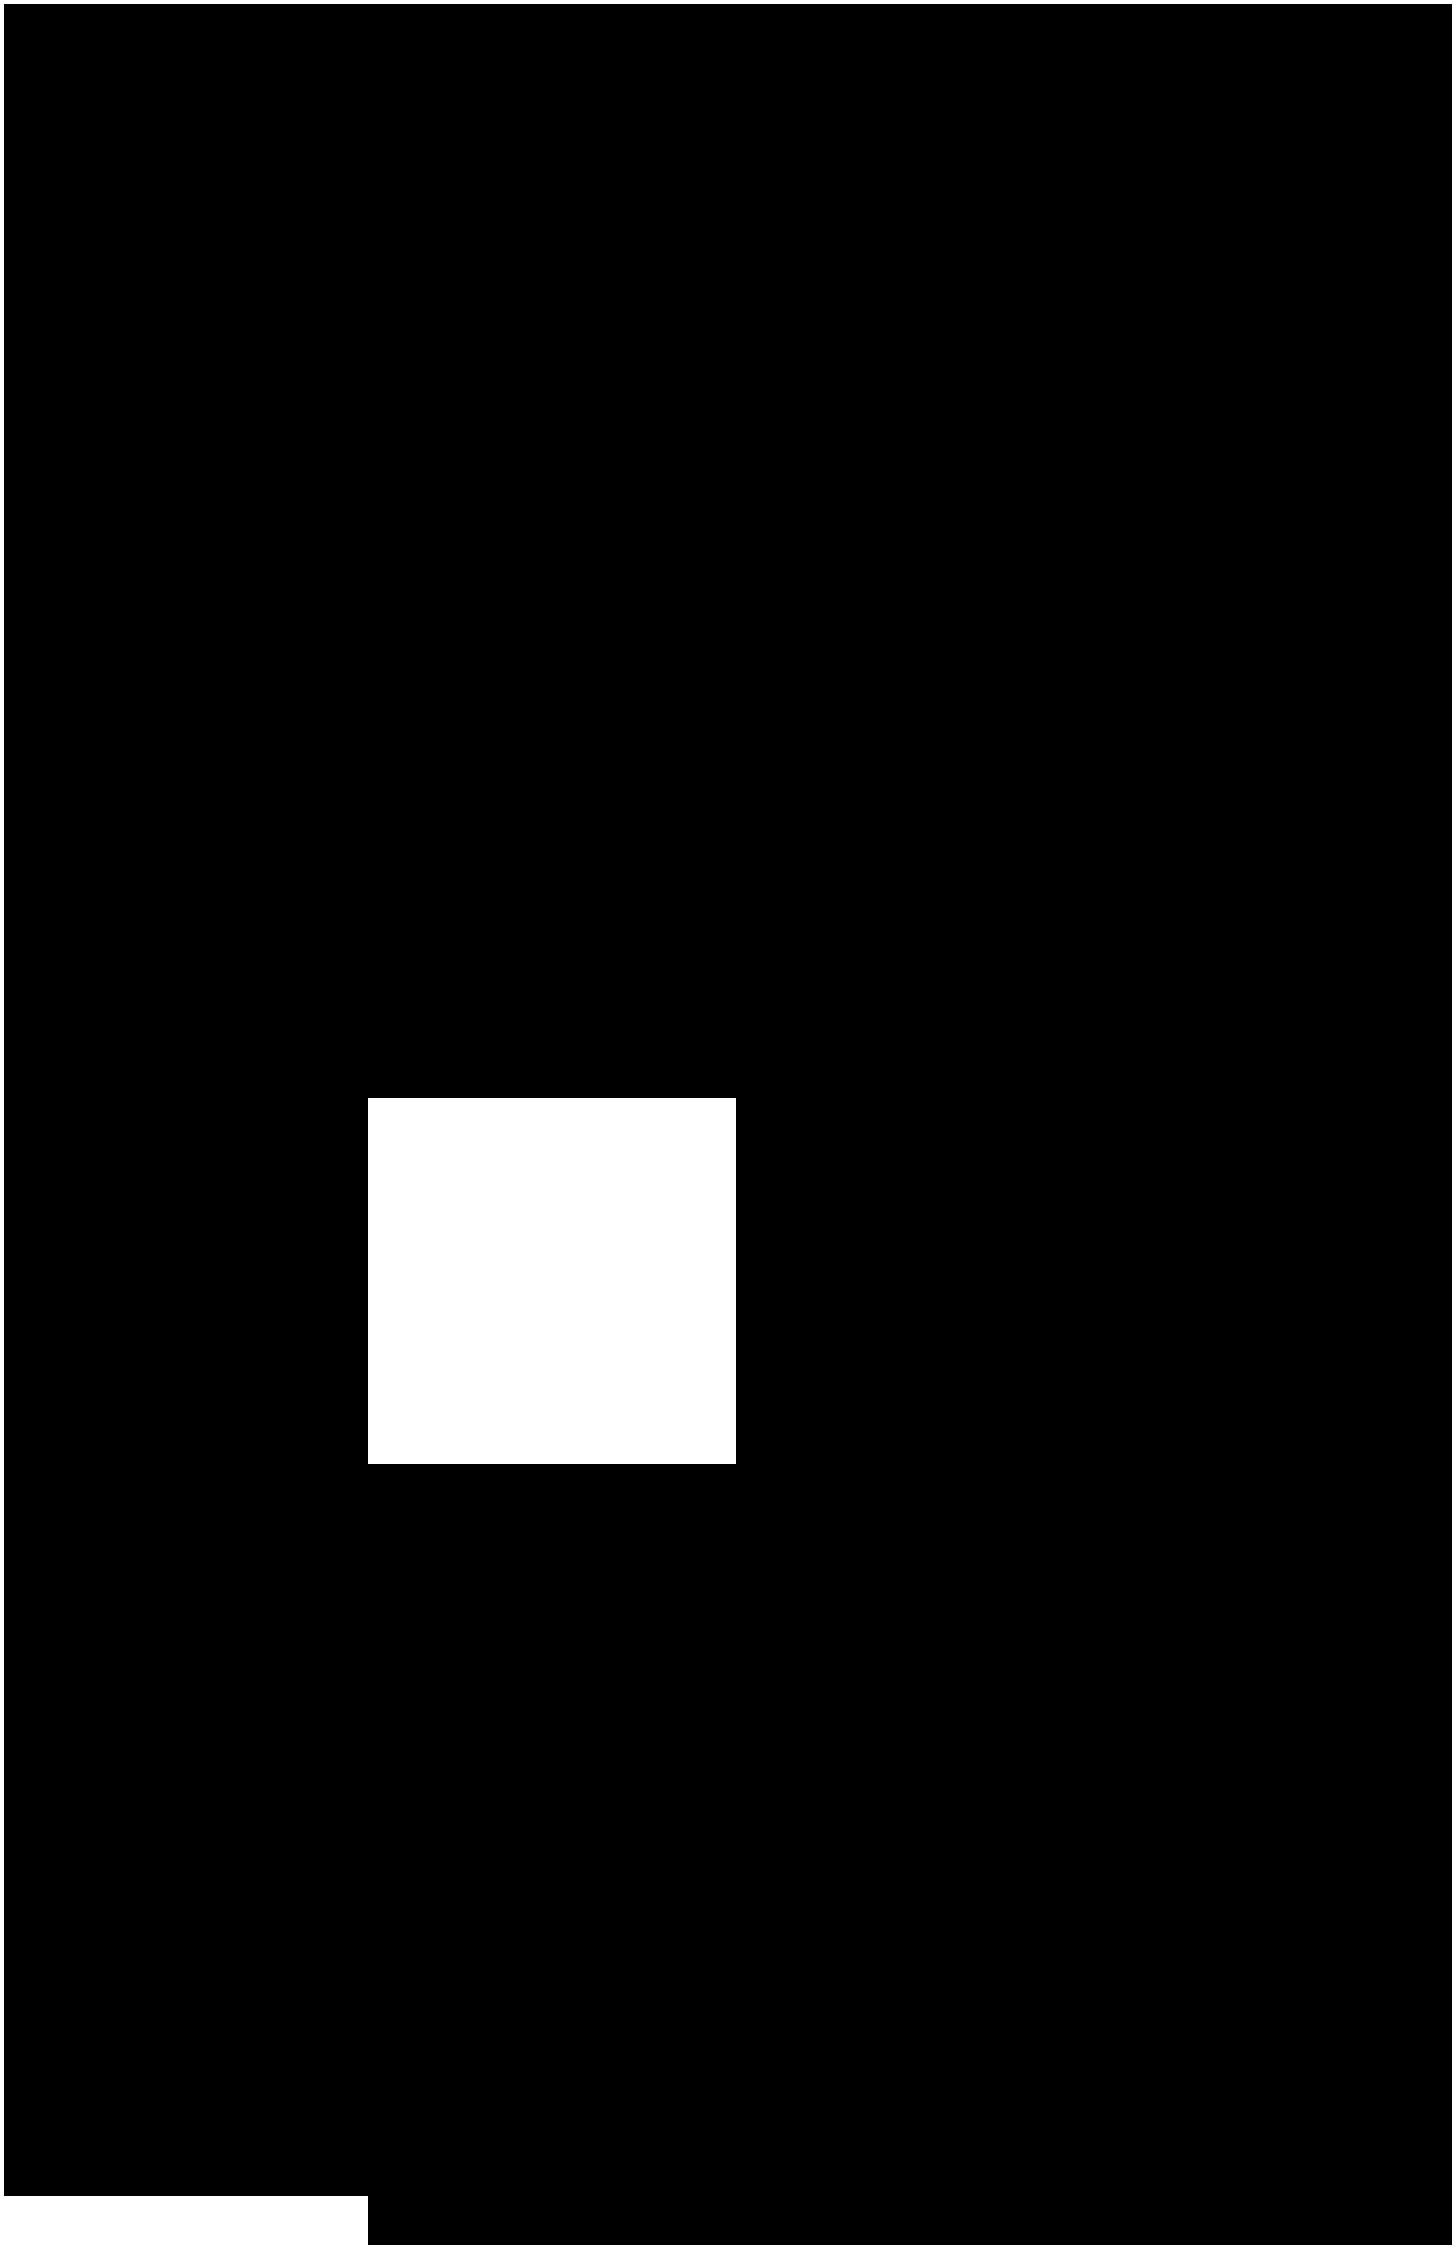 FL01-FL01P1